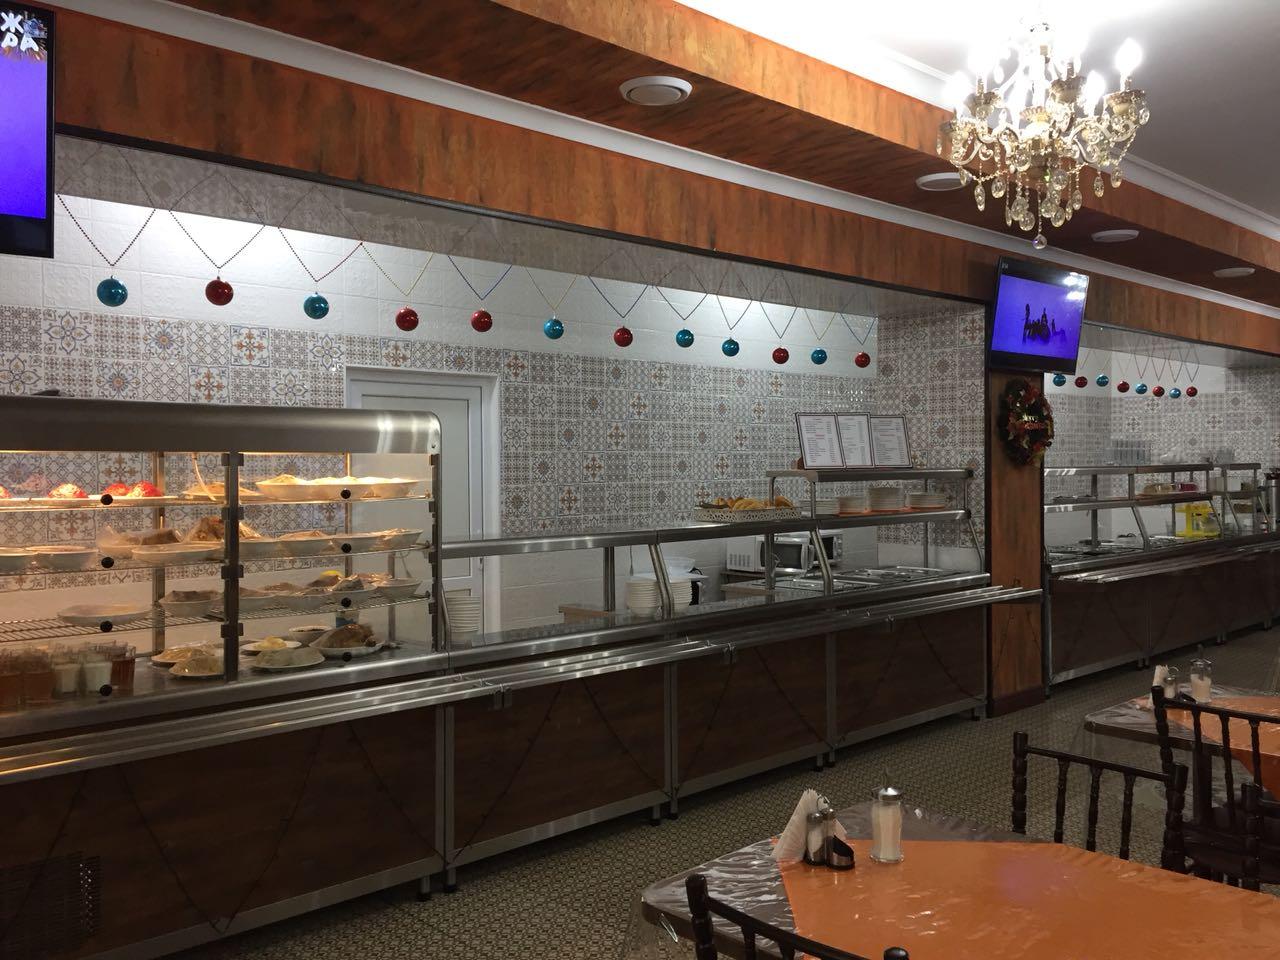 vyezdnye_obedy_uslugi_restorana_kafe